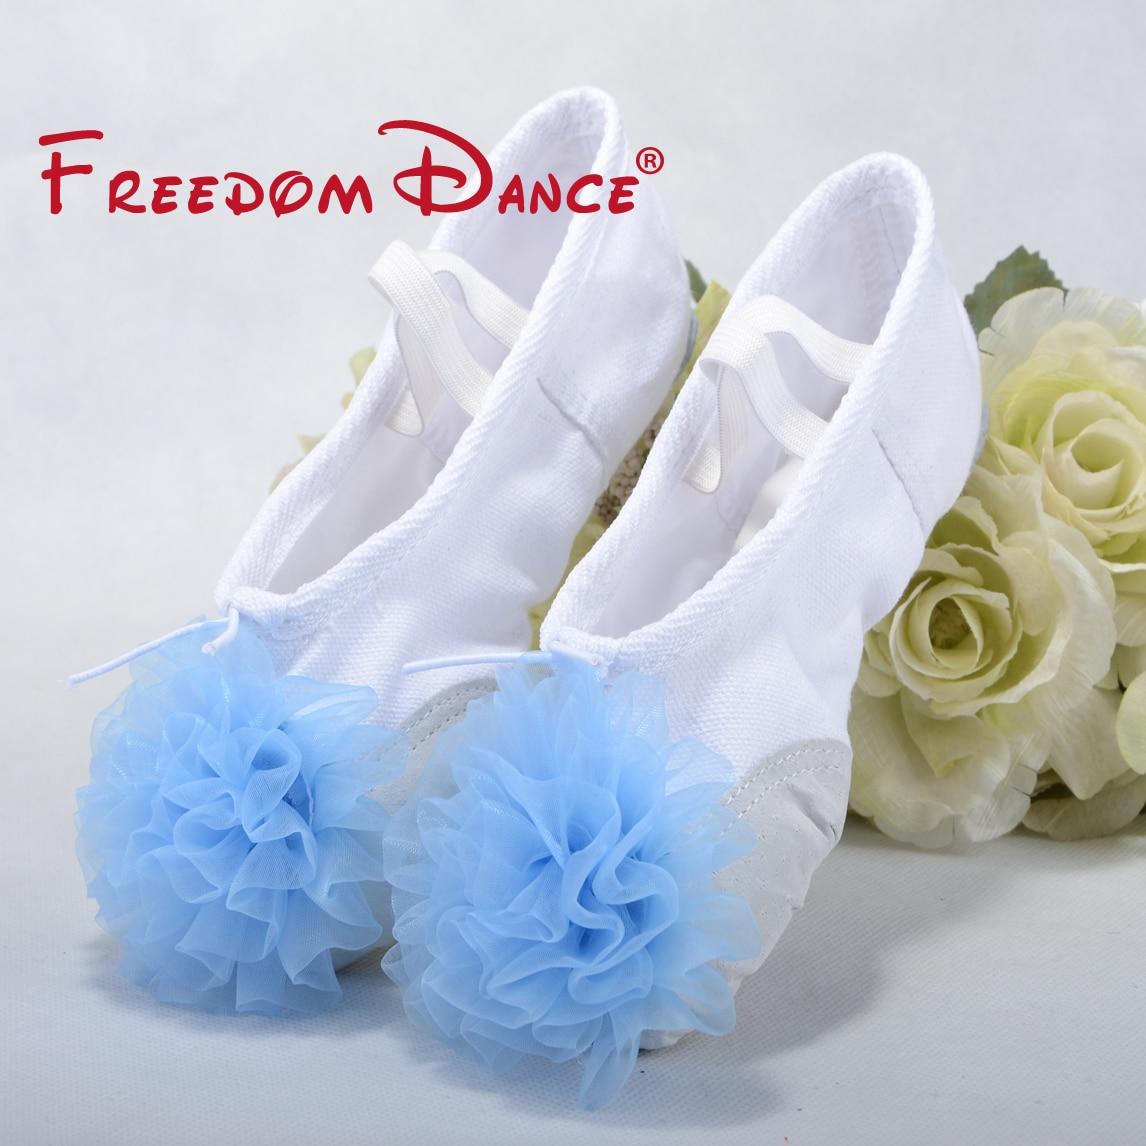 2019 blomster dekoreret lærred split soles piger ballet tøfler bløde børn yoga sko fitness sko børn præstation sko